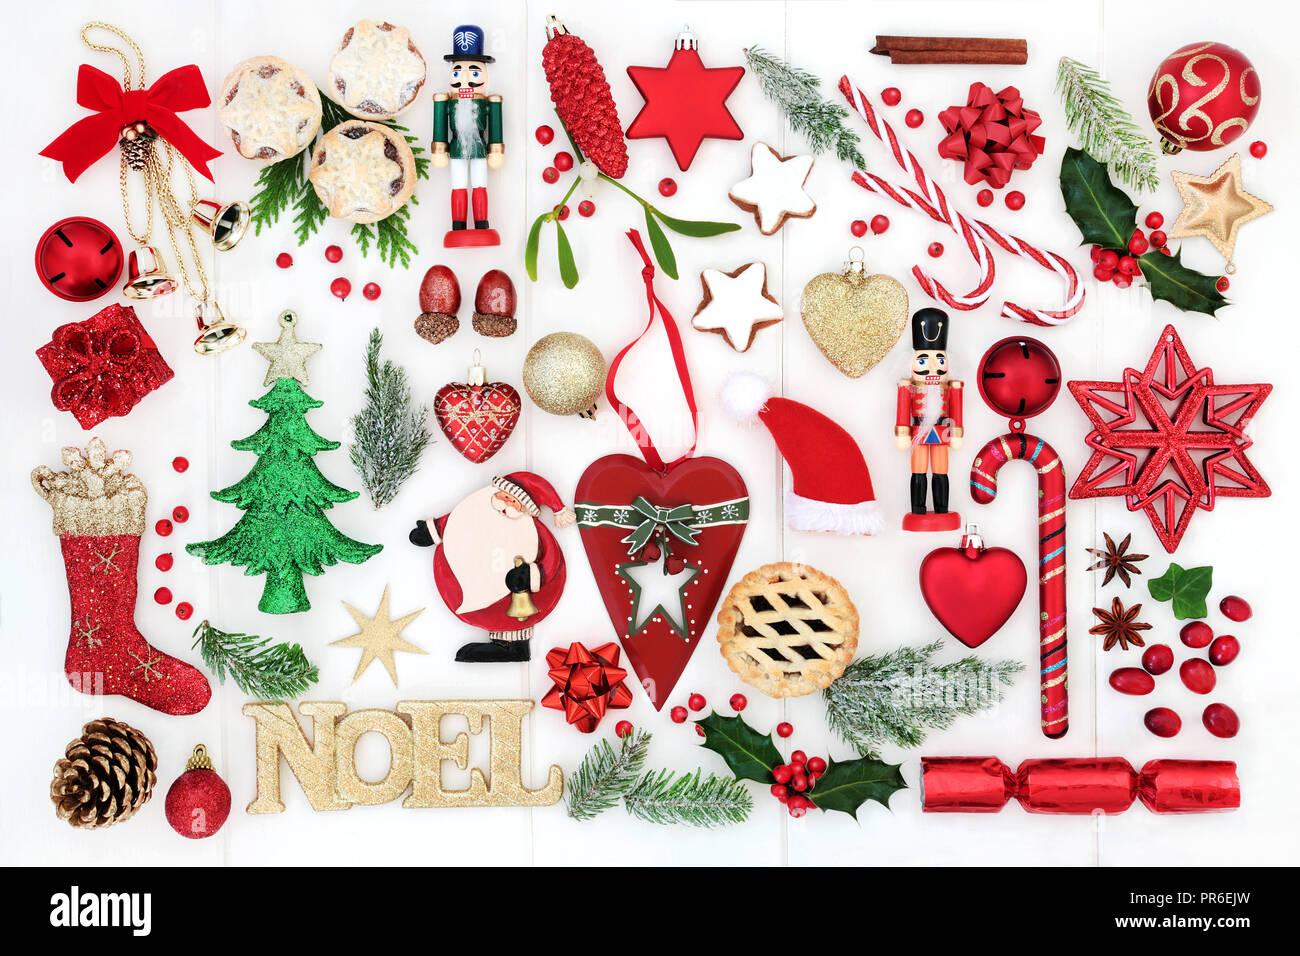 Noël arrière-plan avec noel sign, rétro et nouvelles décorations babiole, des cannes de bonbon, mince pies, flore d'hiver, des rubans et des arcs sur des bois blanc rustique. Photo Stock